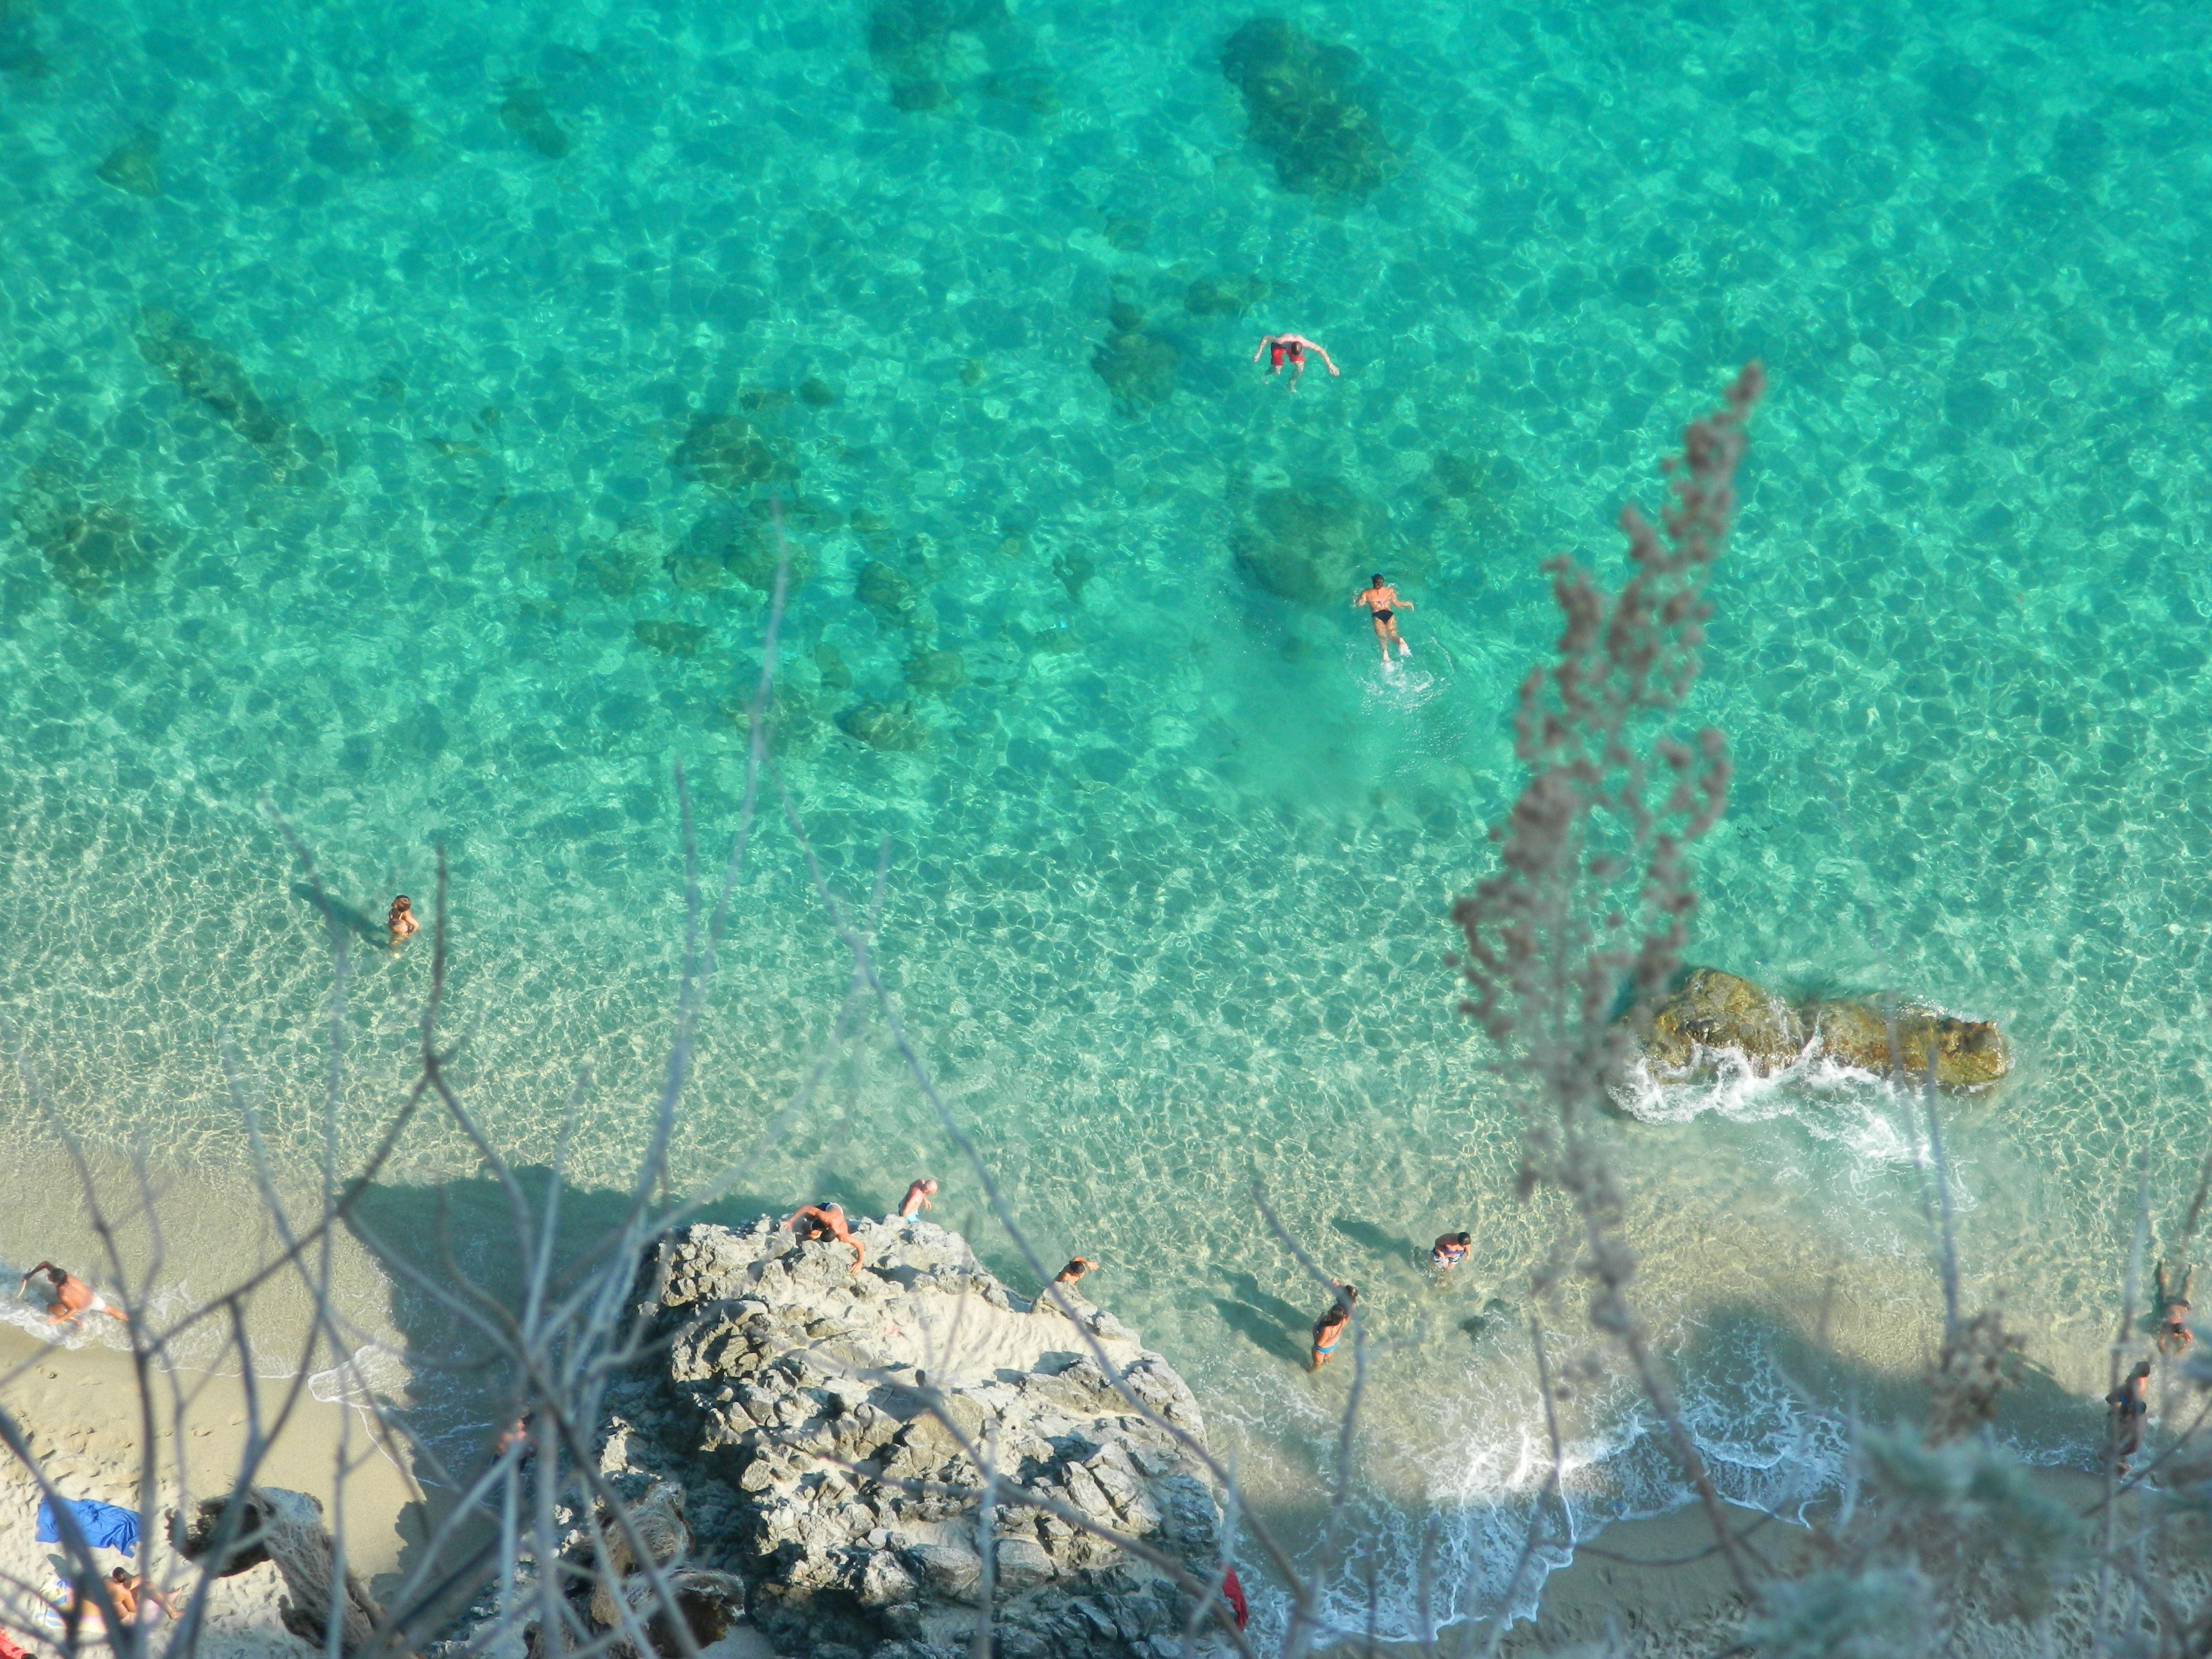 Caminia Calabria Italia Italy Beaches Caminia Calabria